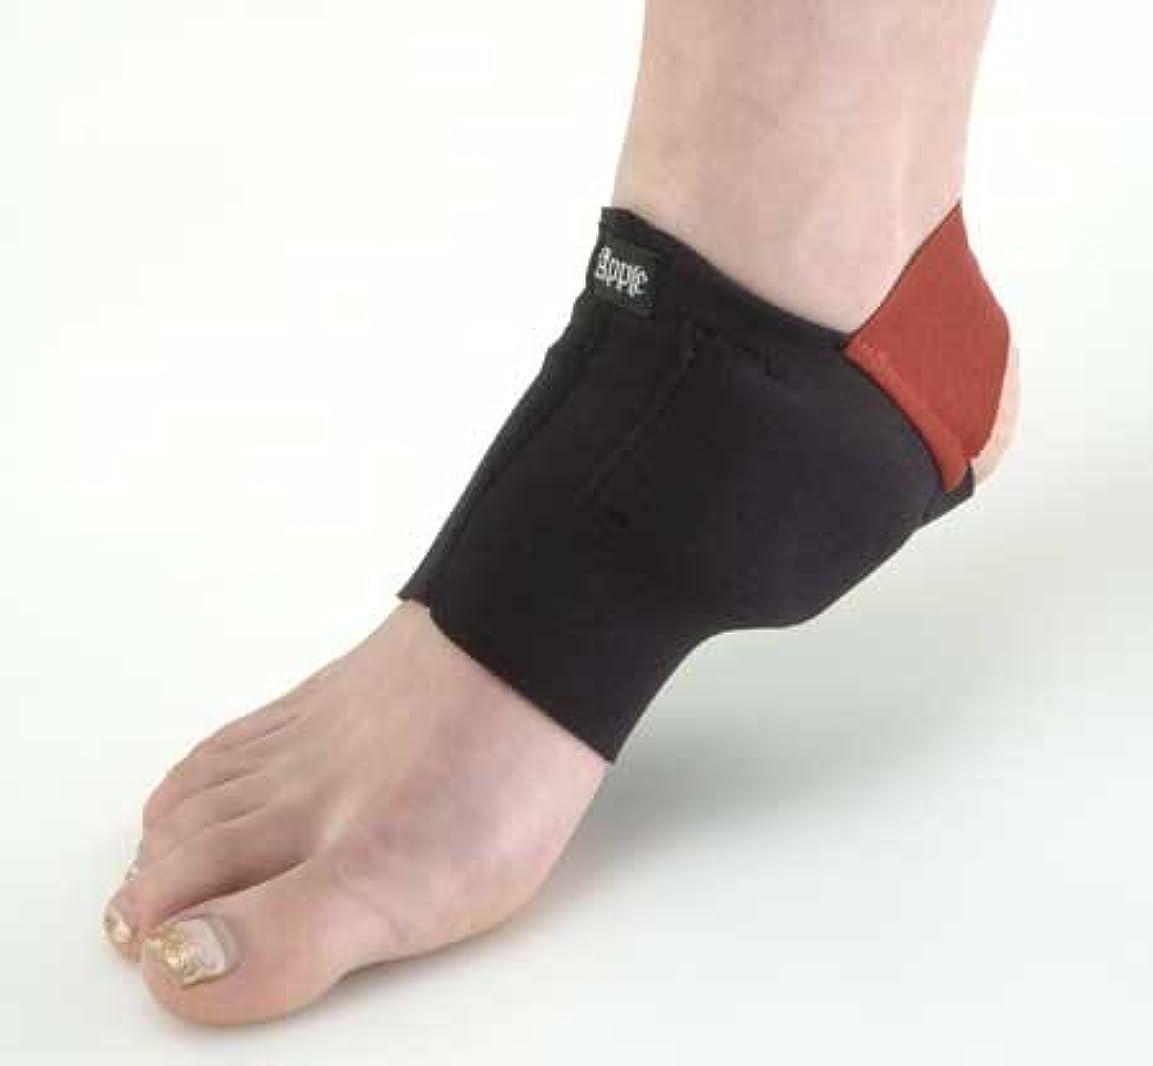 気質好奇心研究所フットプロテクター 有痛性外けい骨用サポーター左足 ブラック Mサイズ(甲周り22cm~24cm)